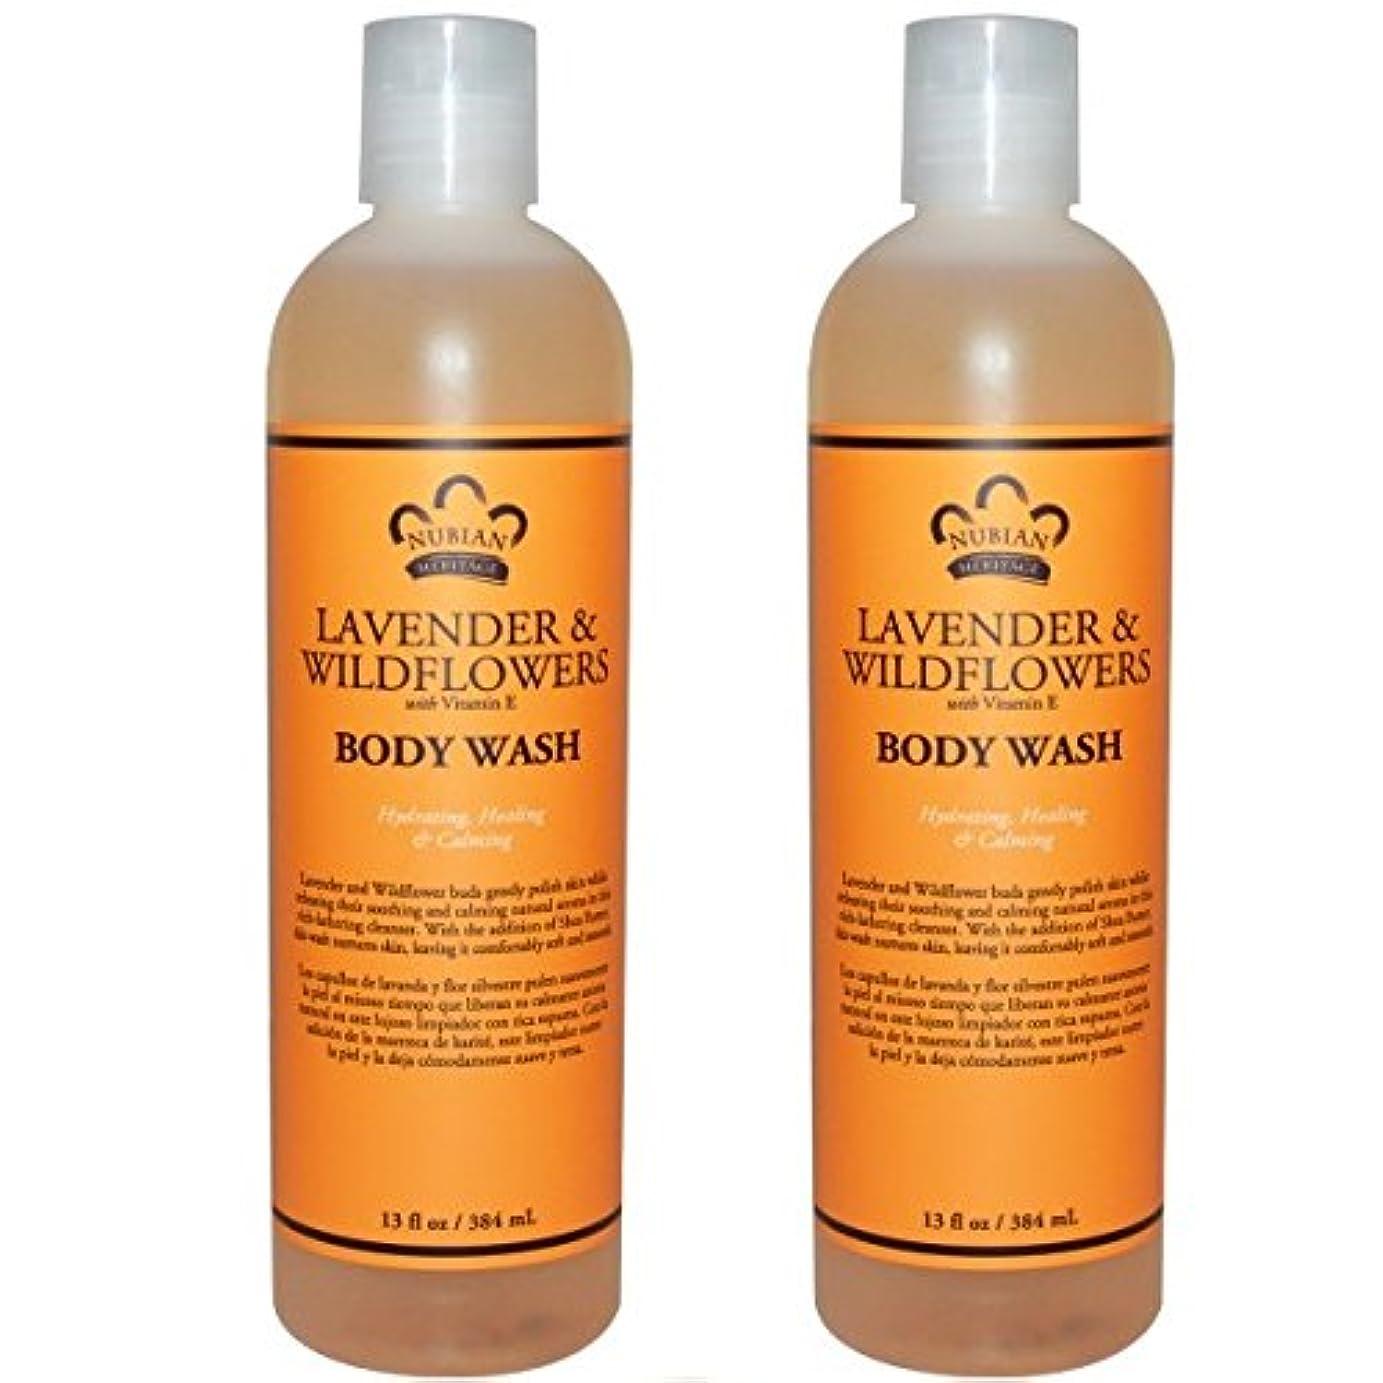 情緒的形ミケランジェロ【海外直送品】【2本】Nubian Heritage Body Wash Relaxing & Nourishing, Lavender & Wildflowers - 13 fl oz (384 ml)